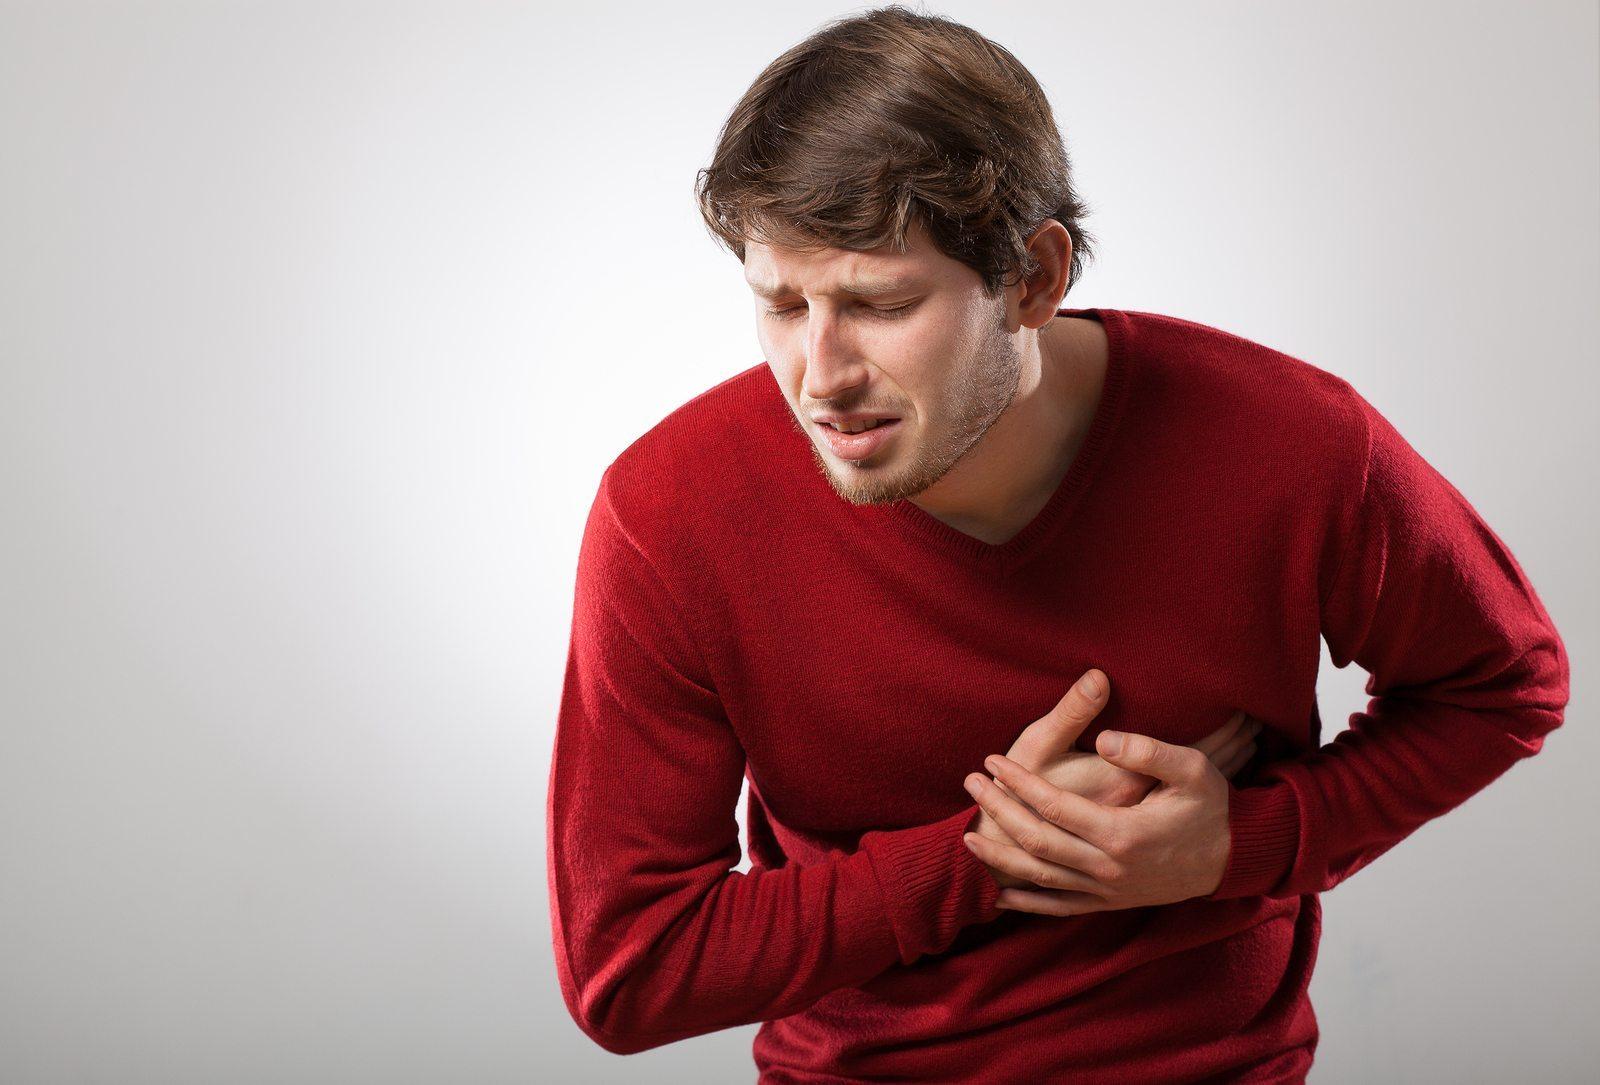 imagem de homem com mão no peito